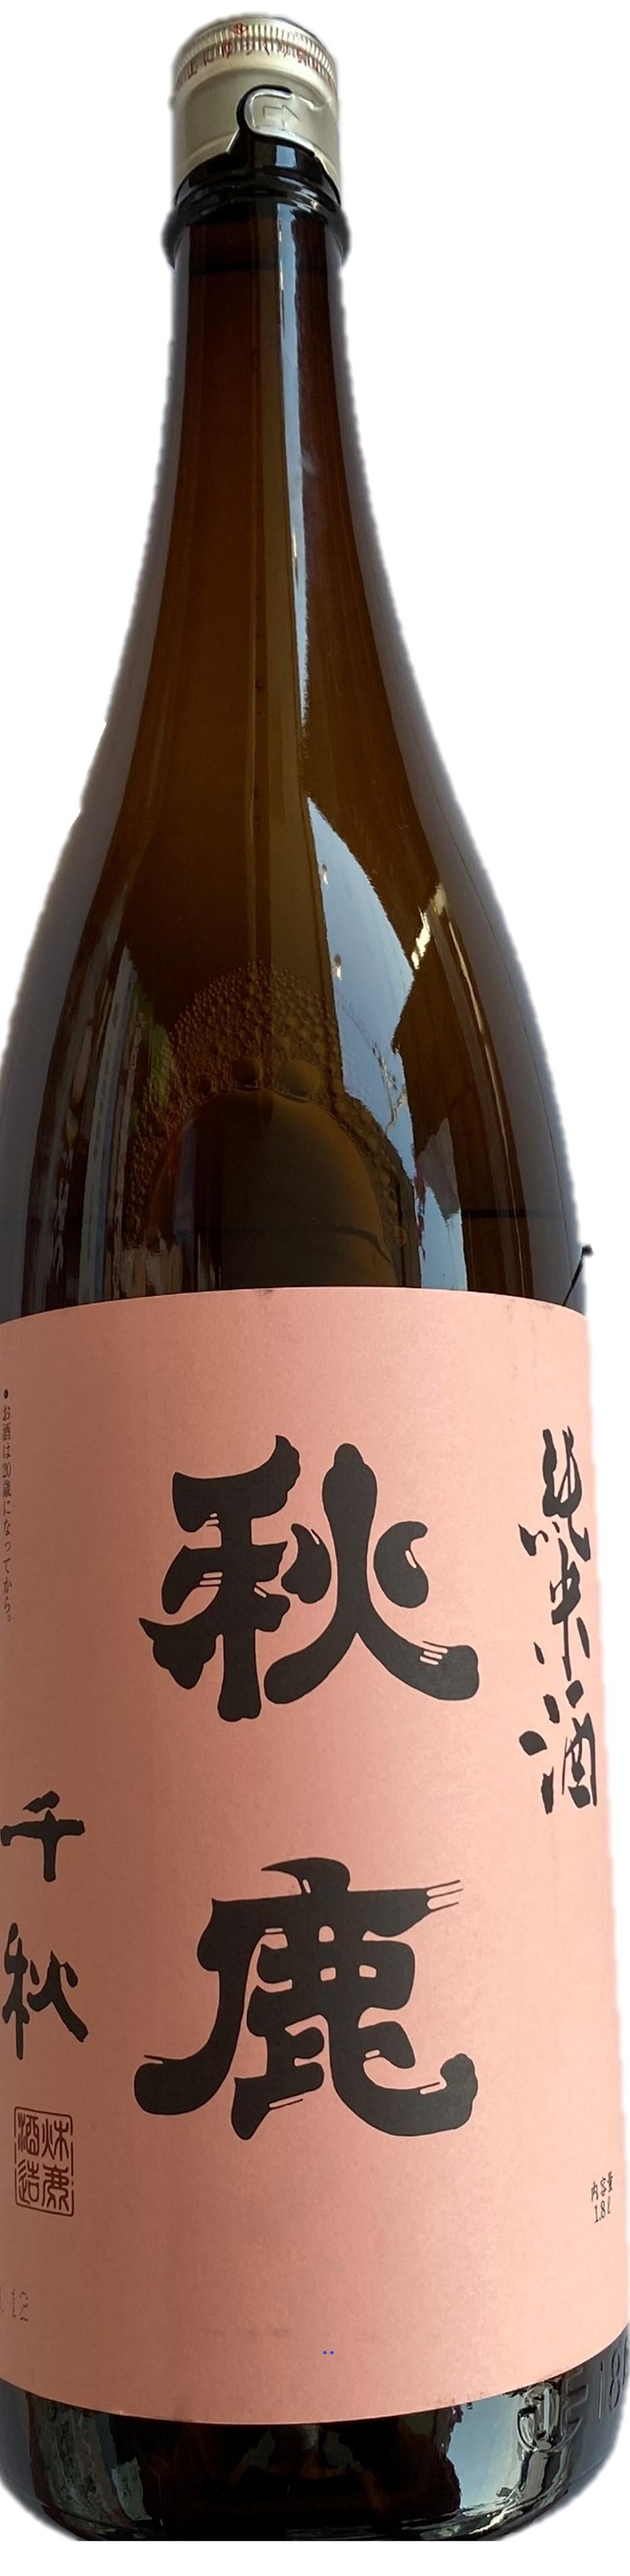 秋鹿 休日 純米酒 千秋 1.8L 現品 こだわり地酒